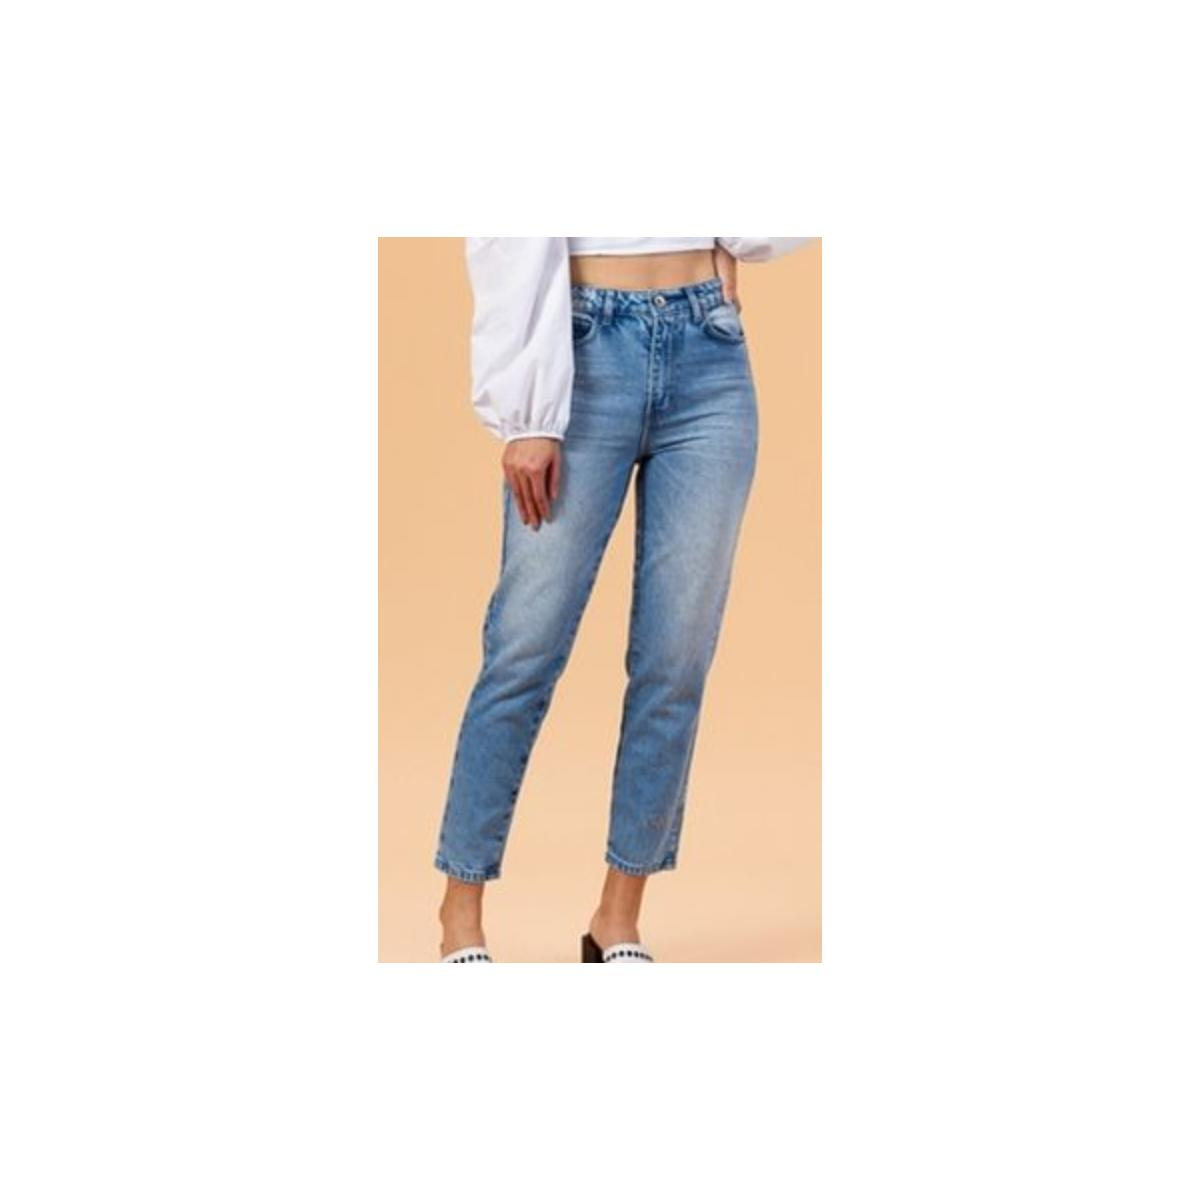 Calça Feminina Colcci 20111293 600 Jeans